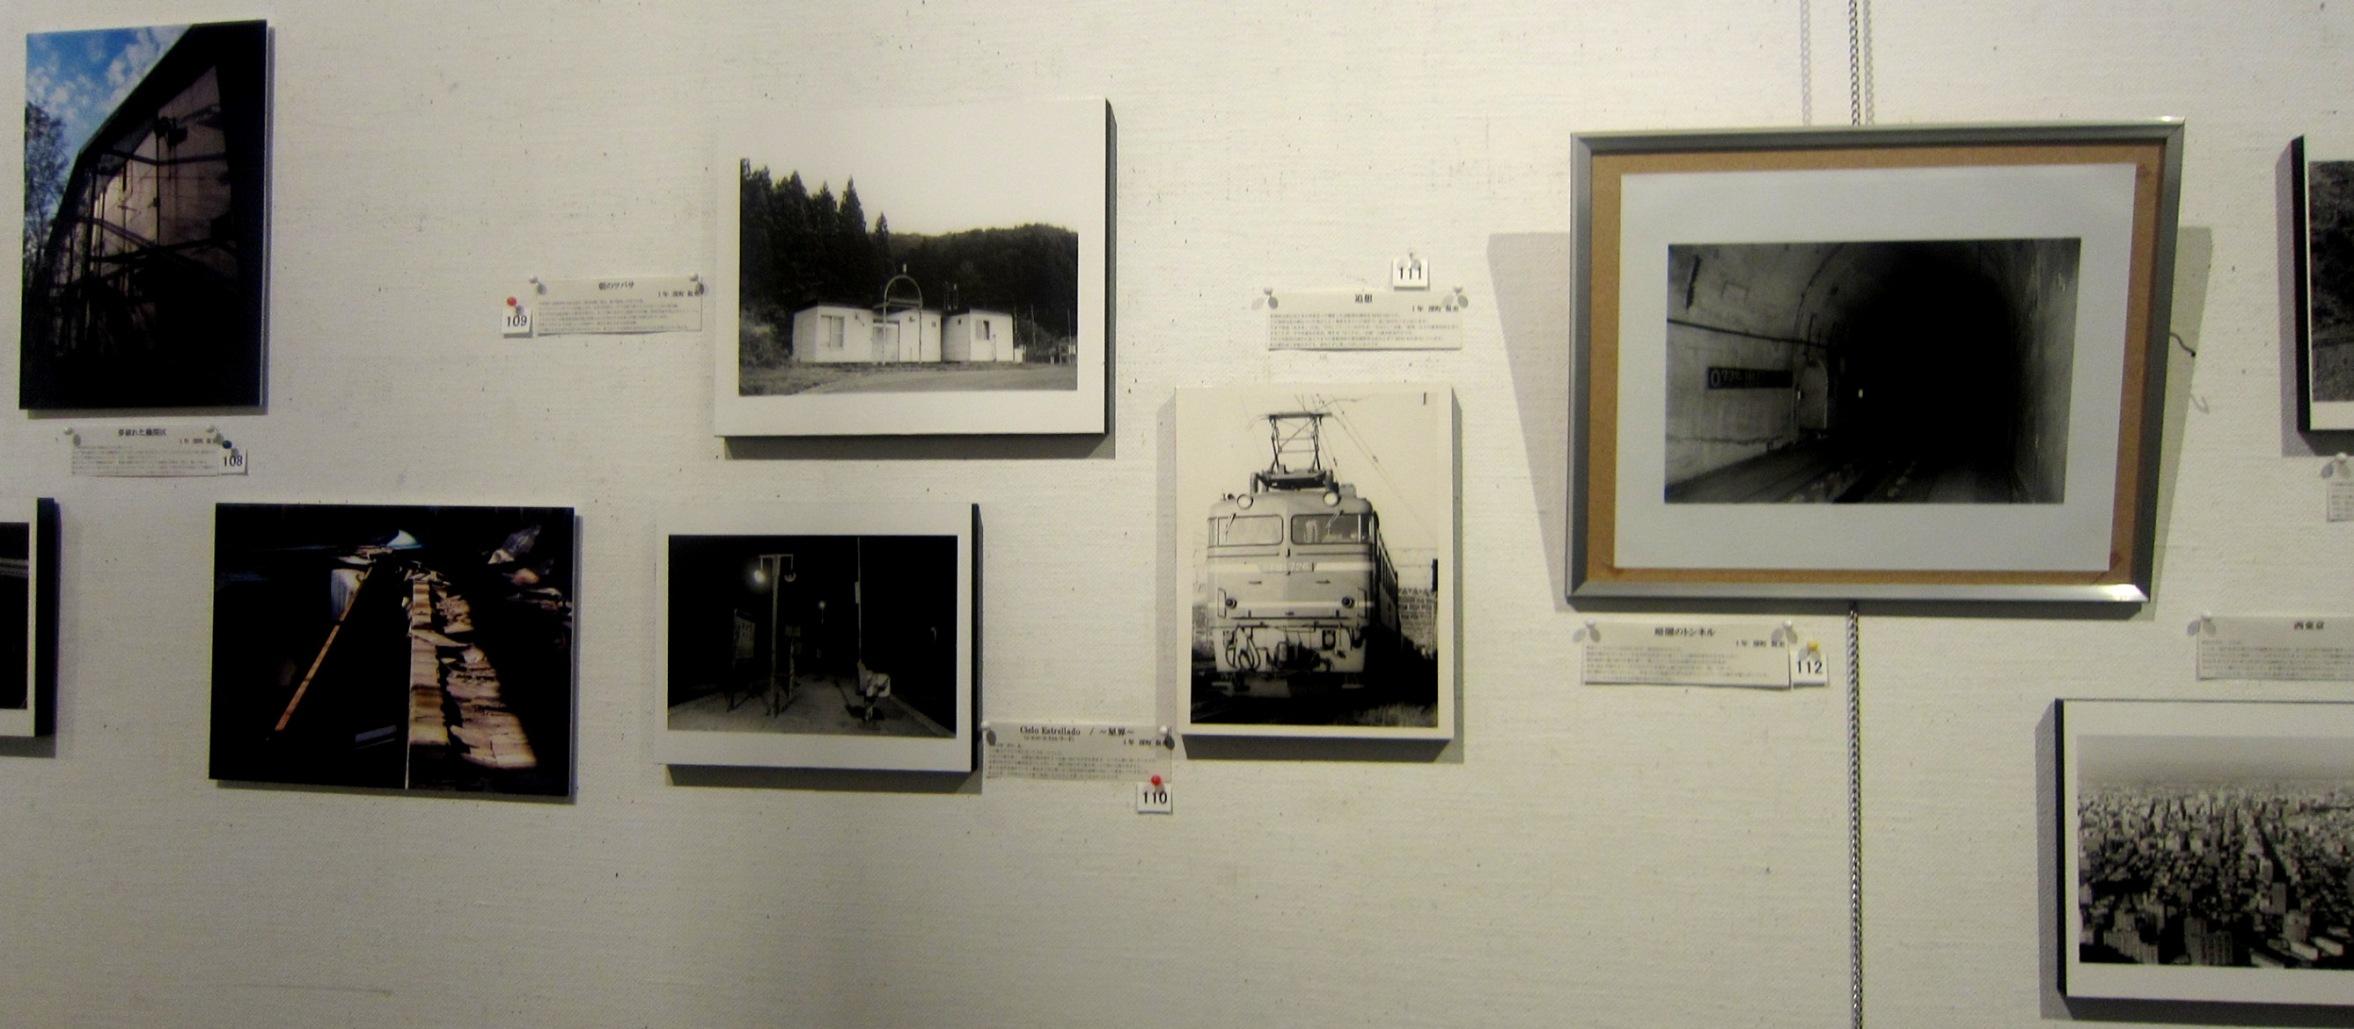 1943)①「札幌大学写真部 卒業写真展 & 学外写真展」 市民g. 終了2月20日(水)~2月24日(日)  _f0126829_2294386.jpg